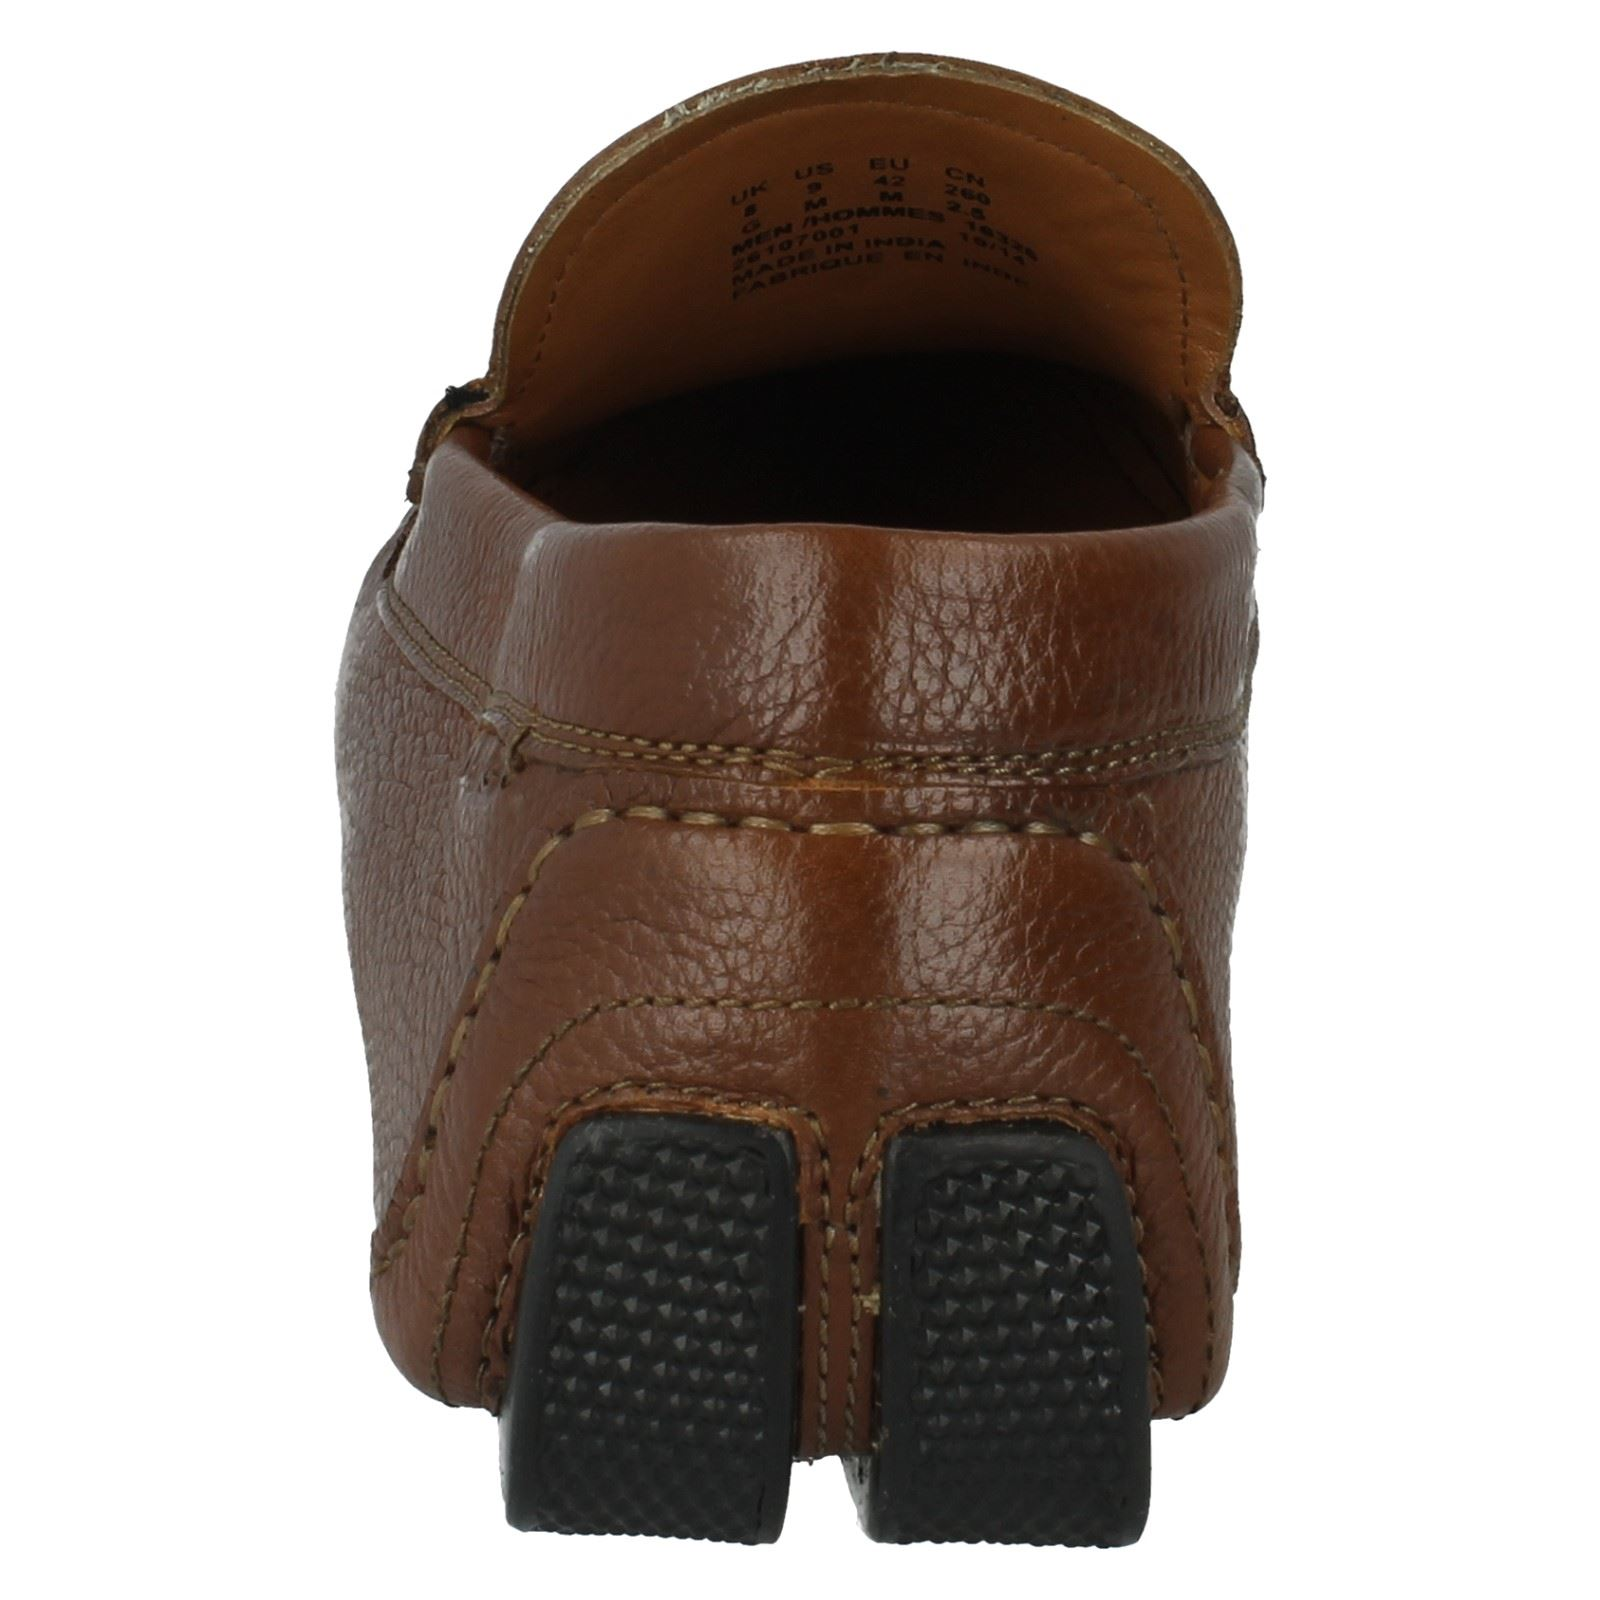 Men's Clarks Casual Shoes Label - Davont Drive